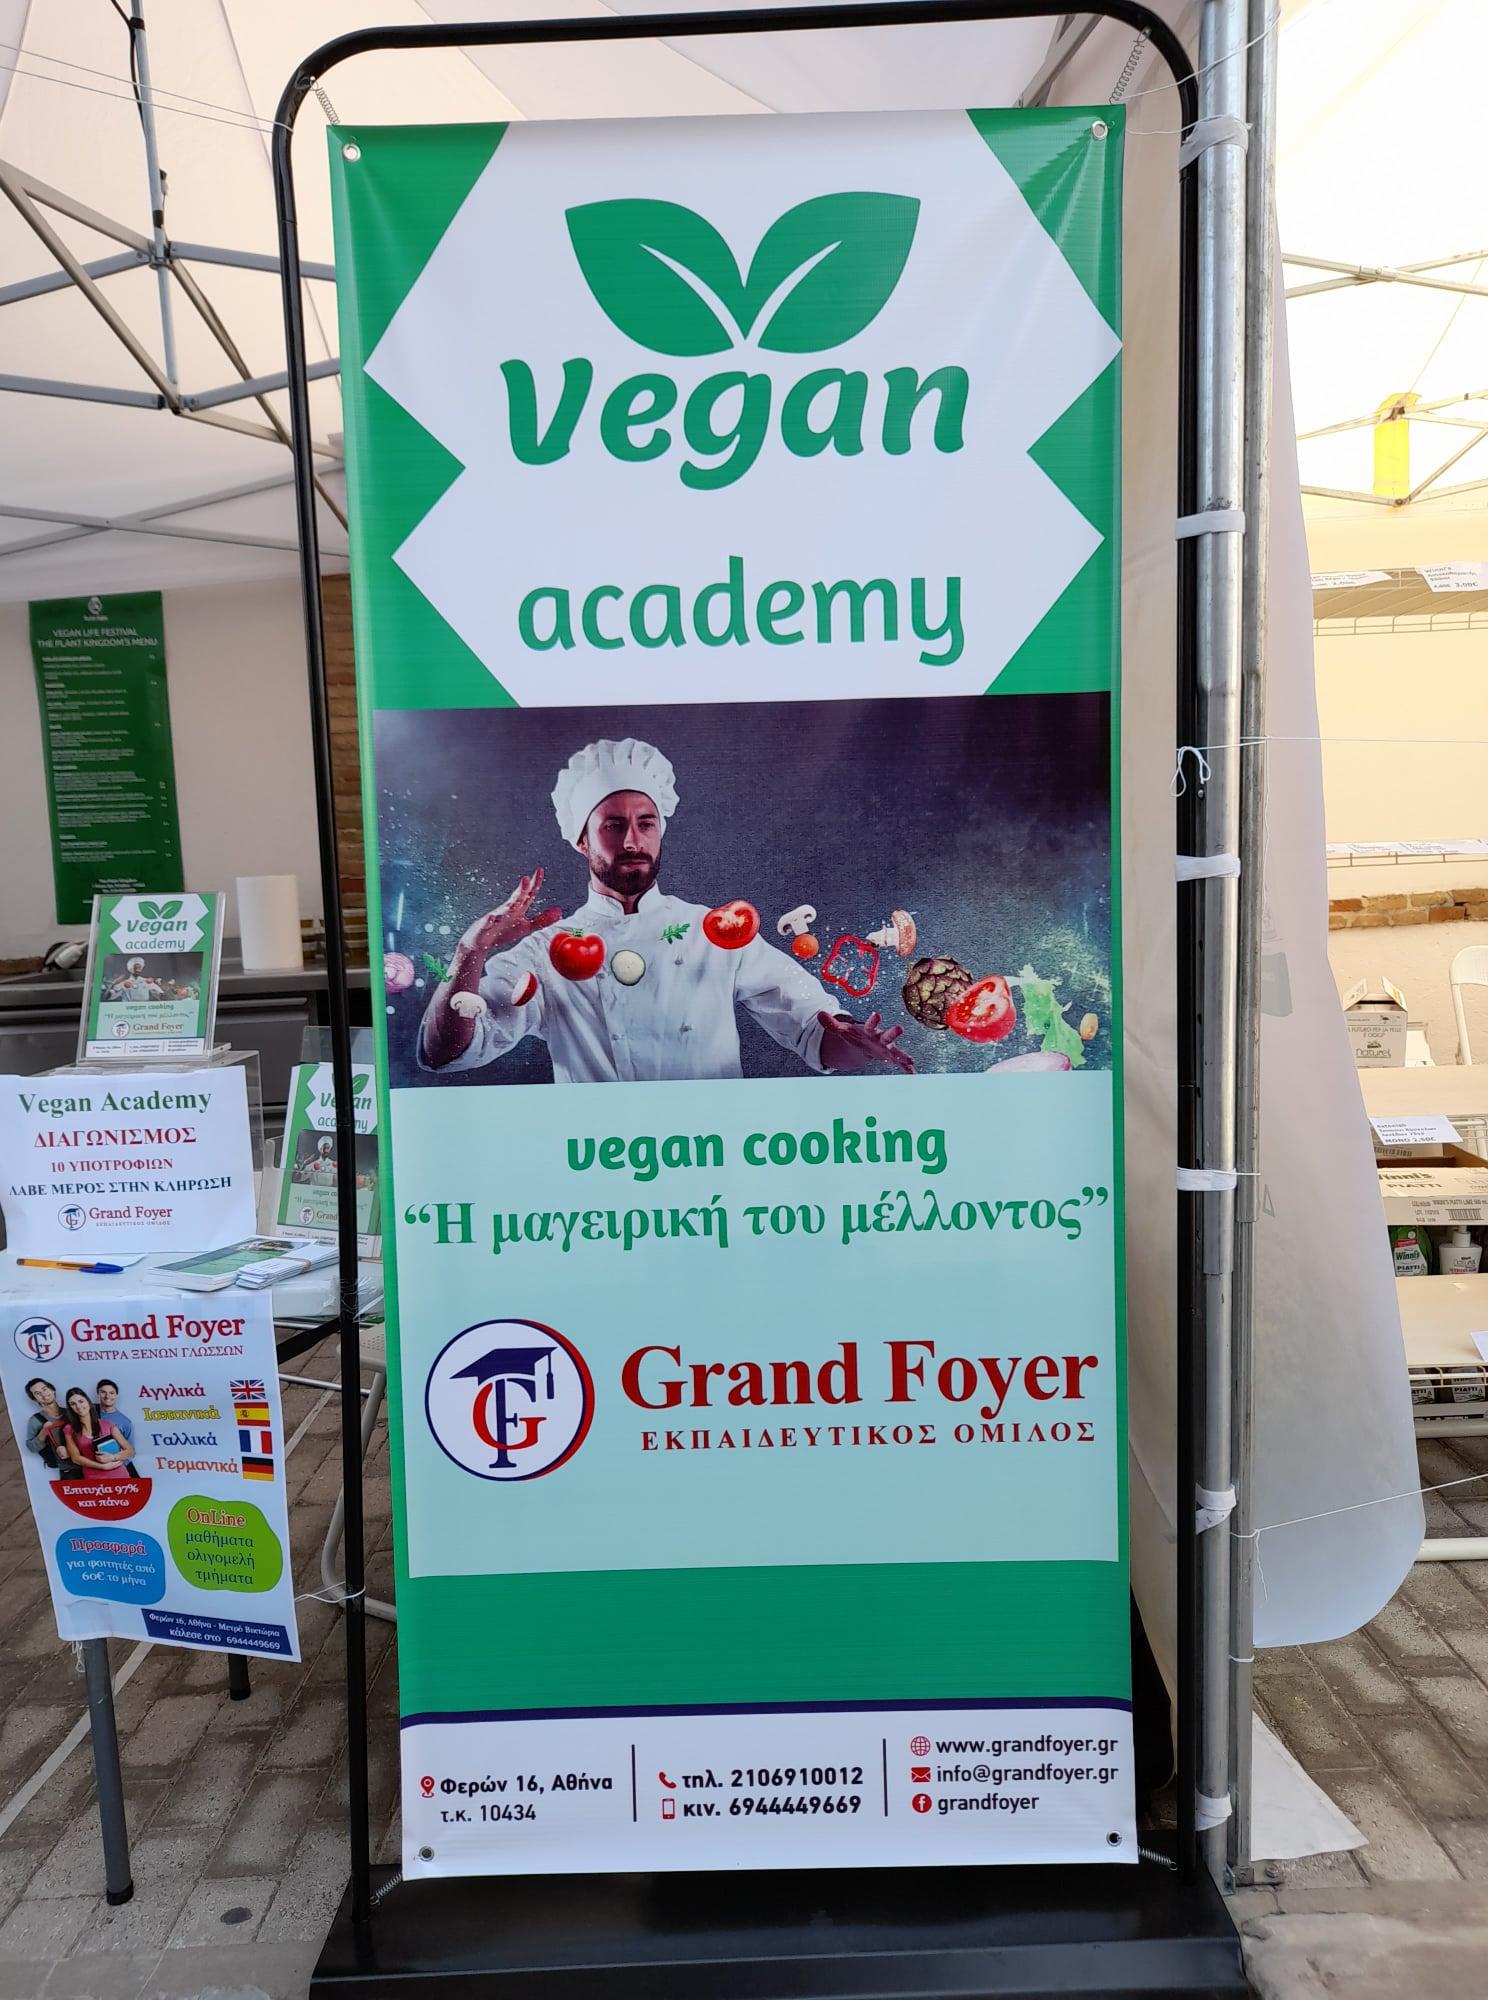 vegan academy